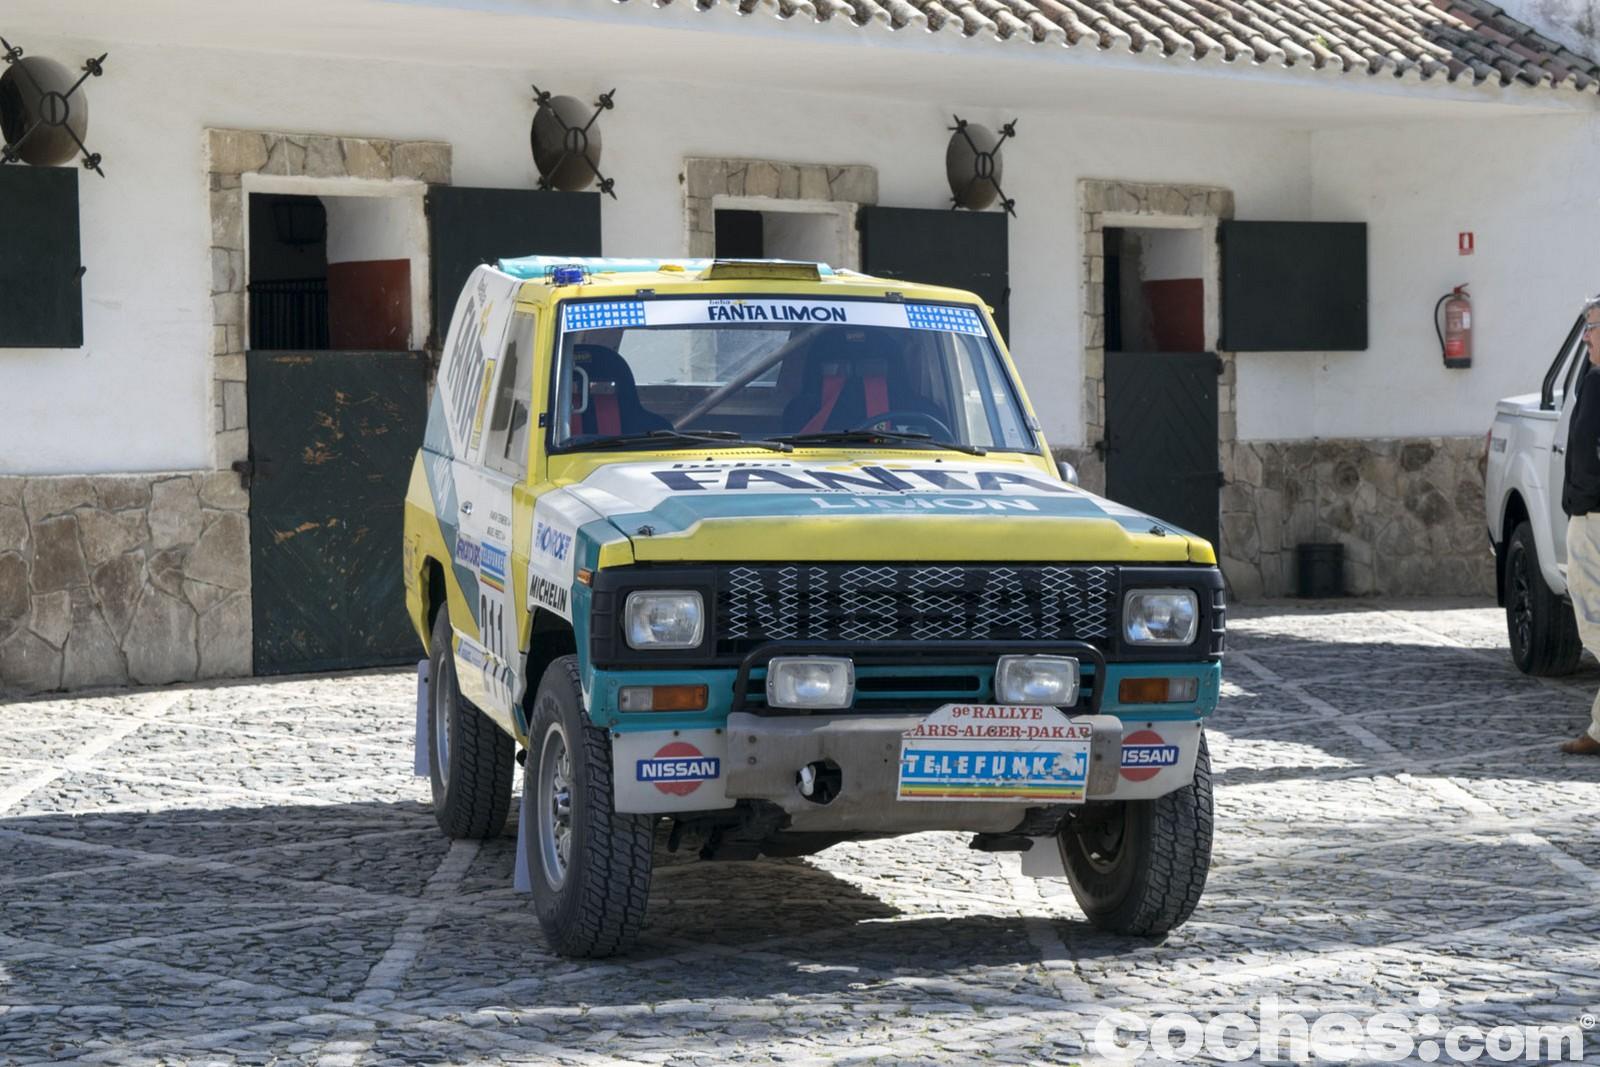 Nissan Patrol Crossover Domination